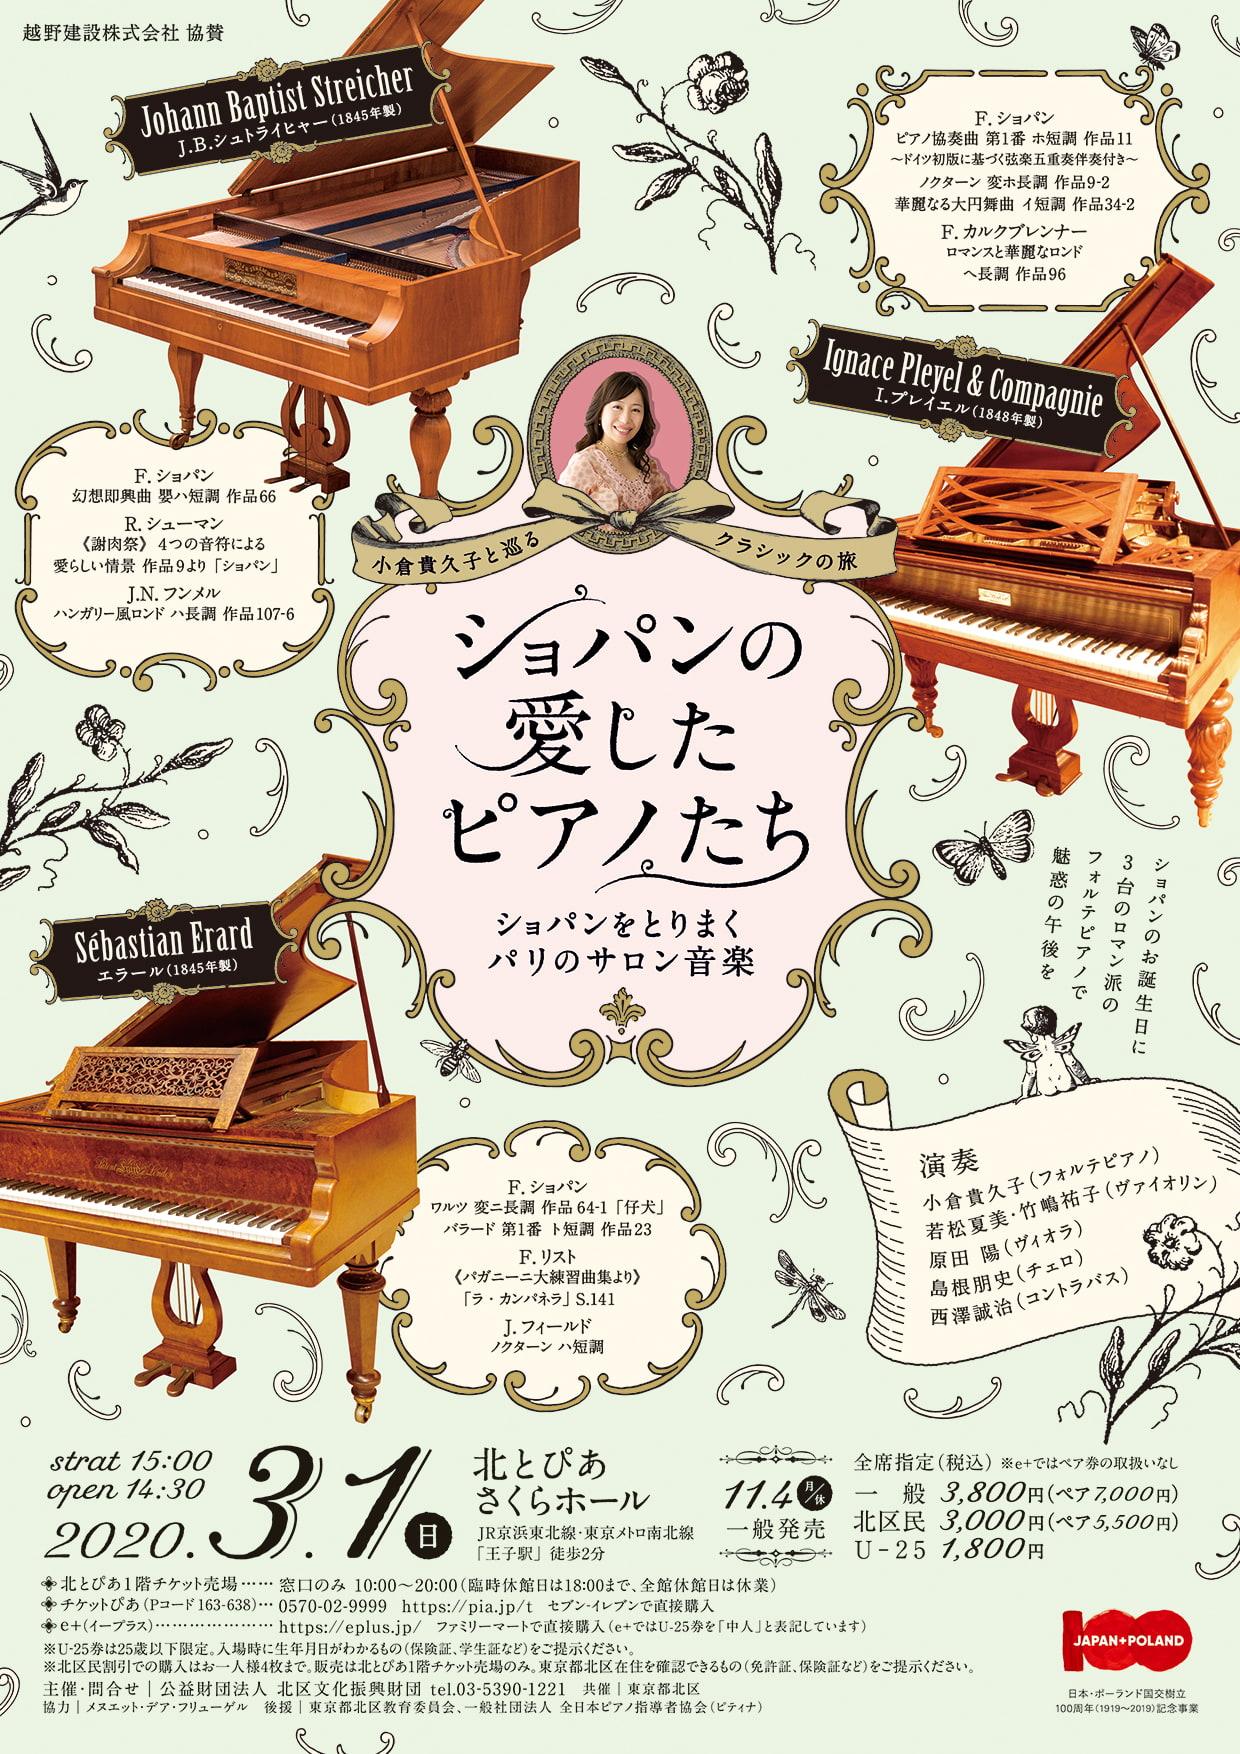 小倉貴久子と巡るクラシックの旅vol.2 ショパンの愛したピアノたち〜ショパンをとりまくパリのサロン音楽〜の画像